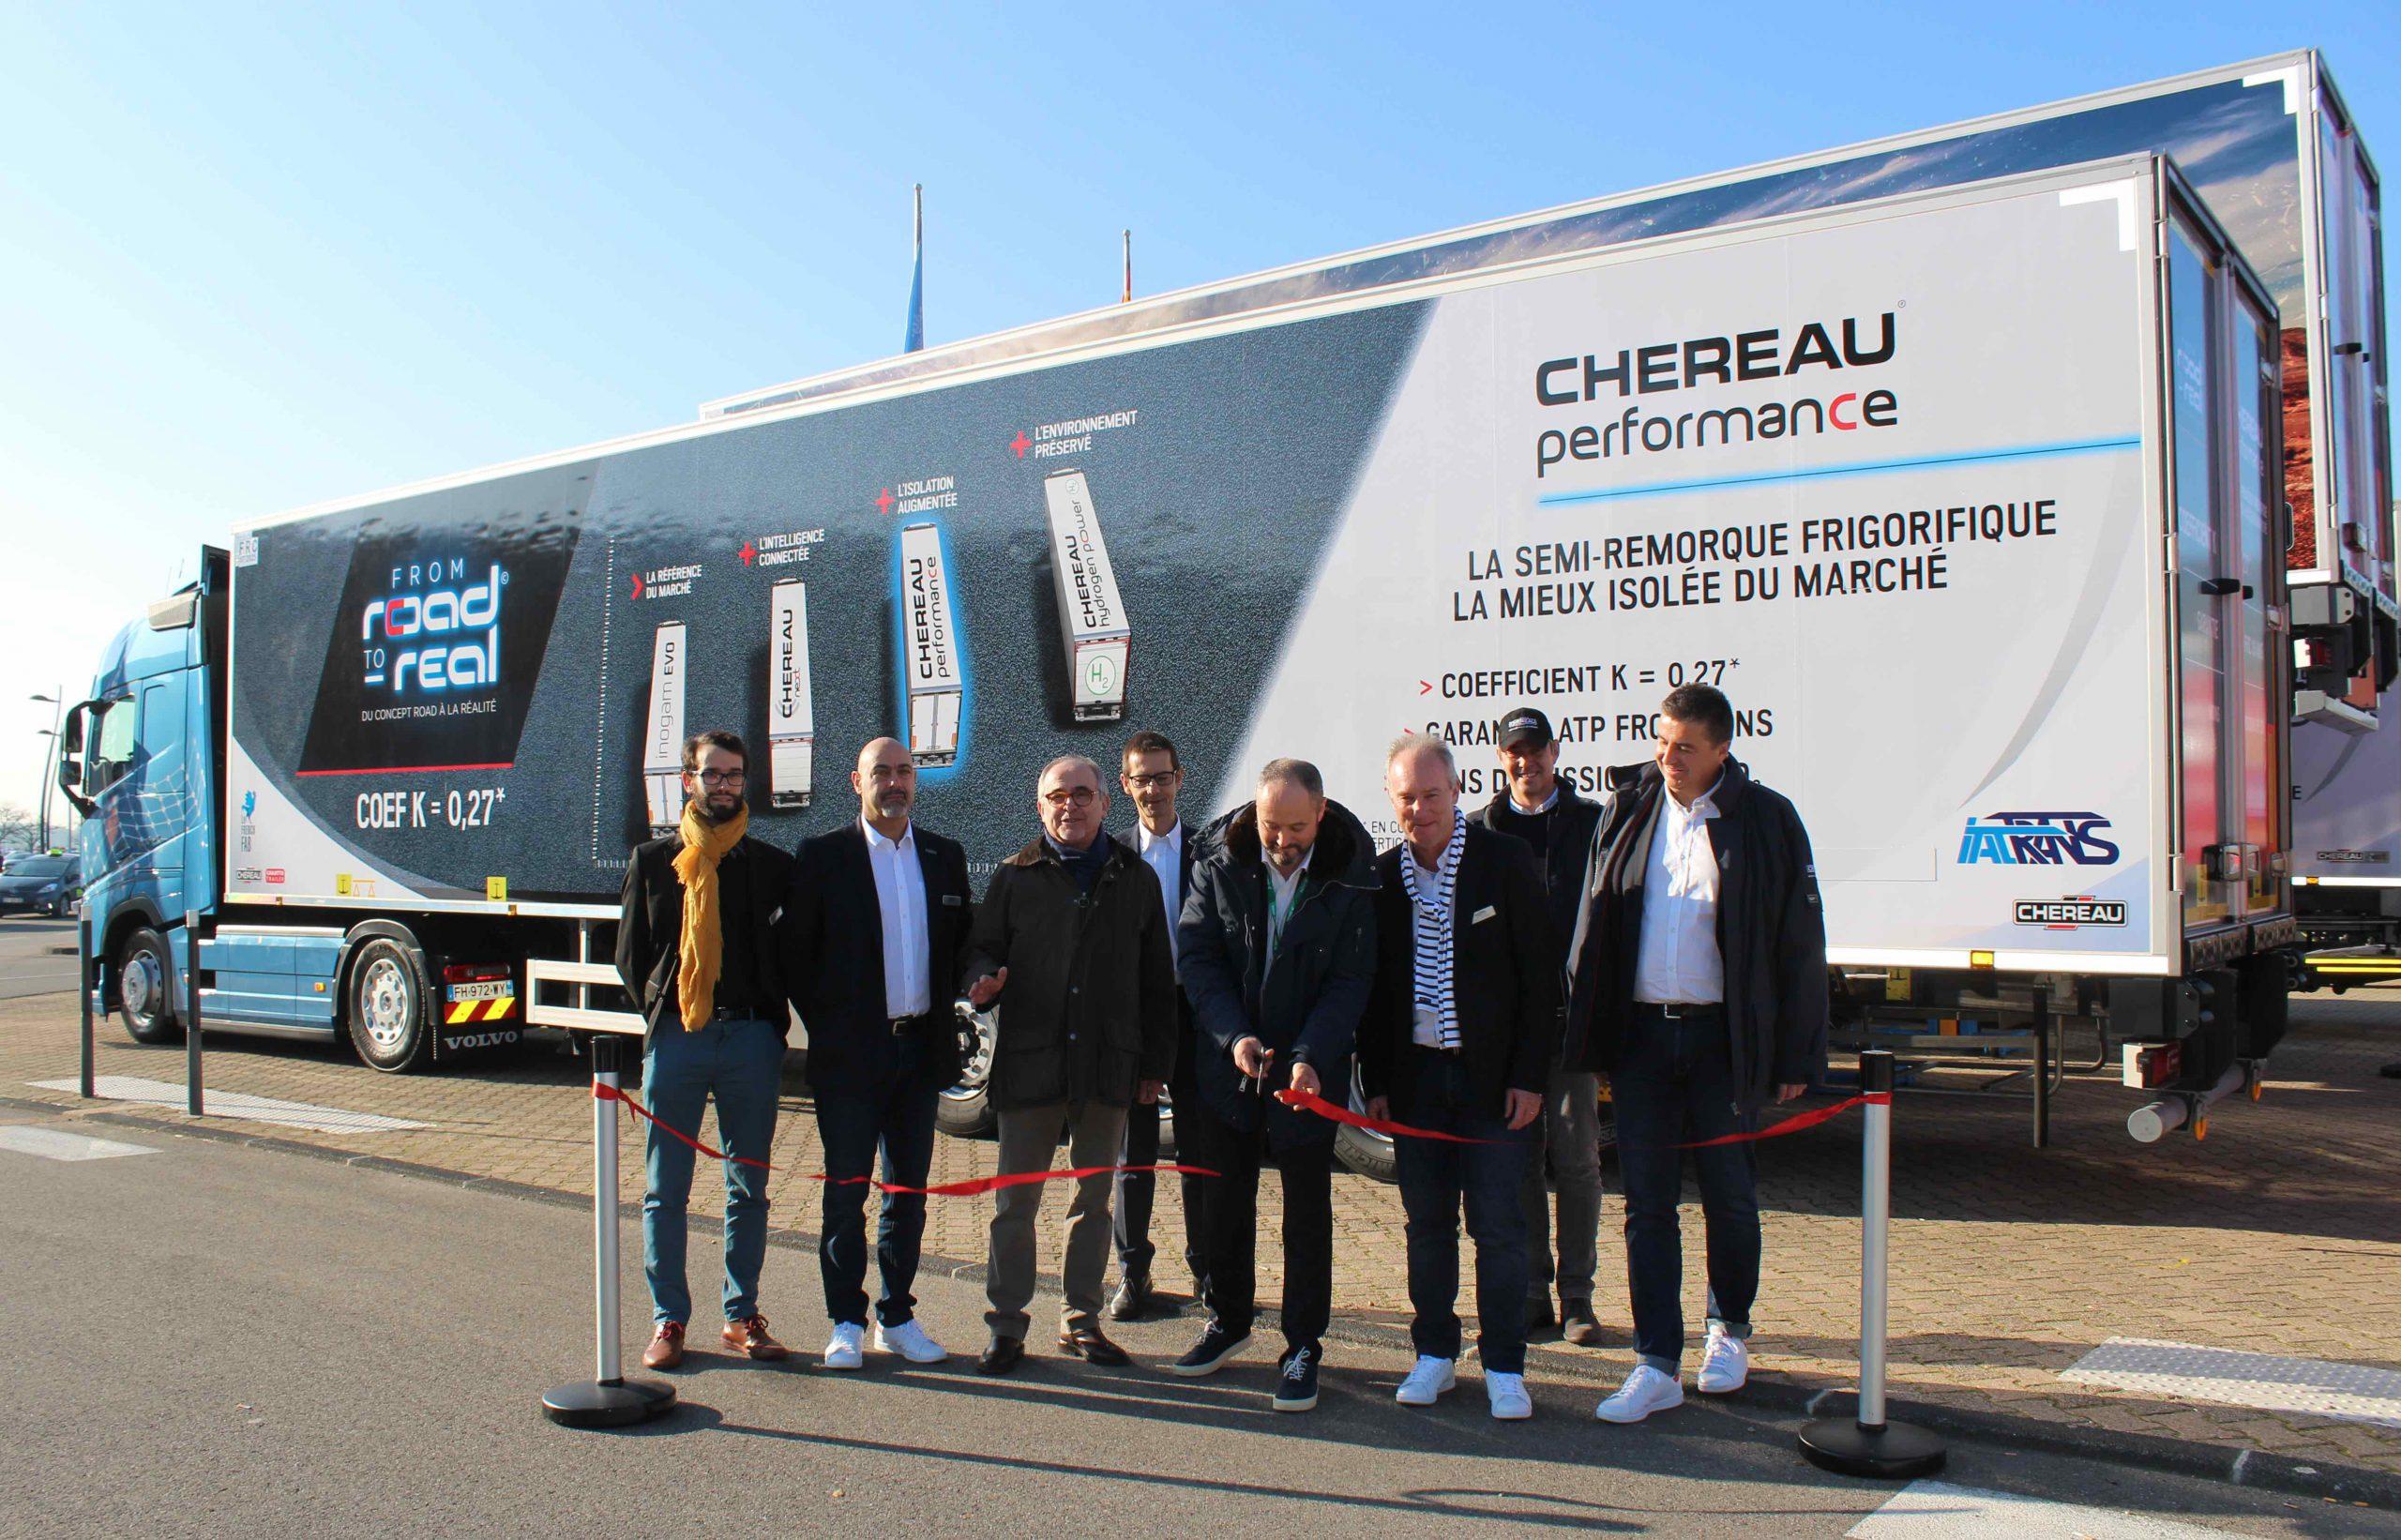 Italtrans ritira al Solutrans il primissimo semirimorchio isolato Chereau Performance